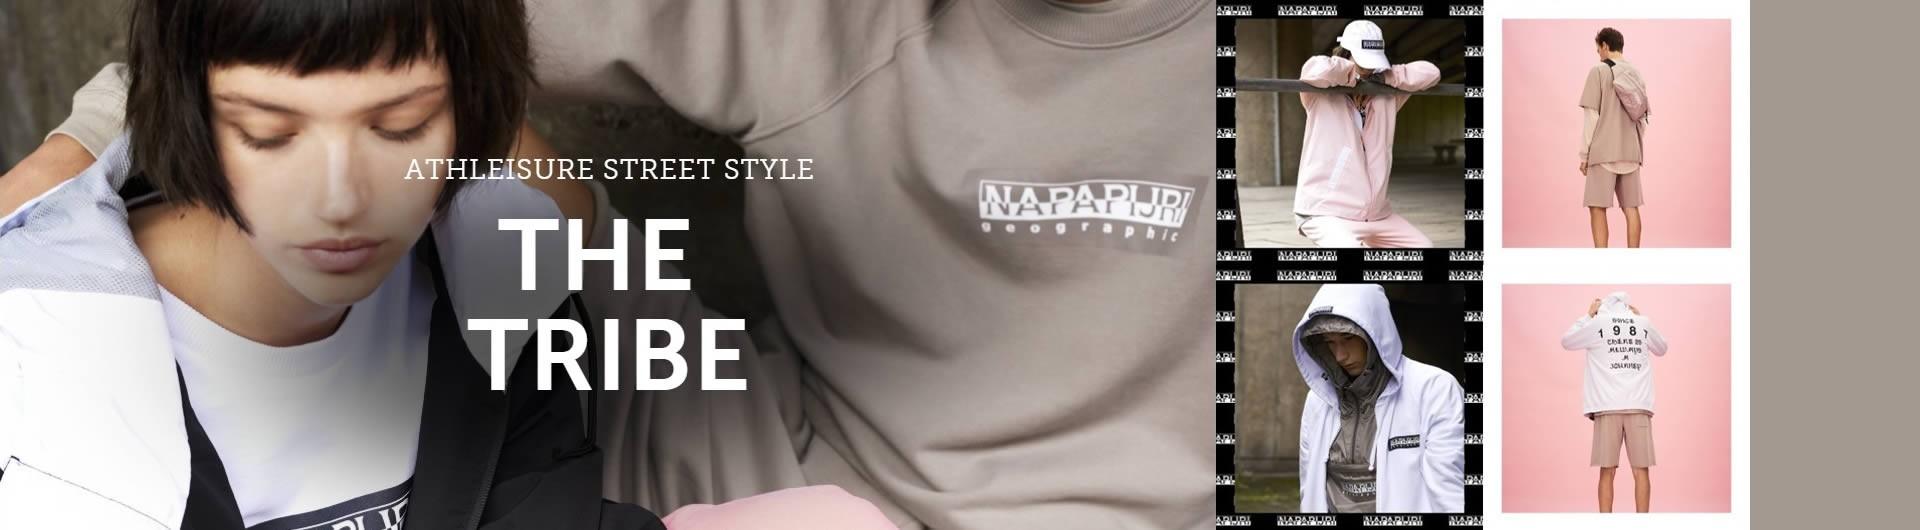 Vendita abbigliamento Napapijri, offerte miglior prezzo, felpe, maglioni, polo